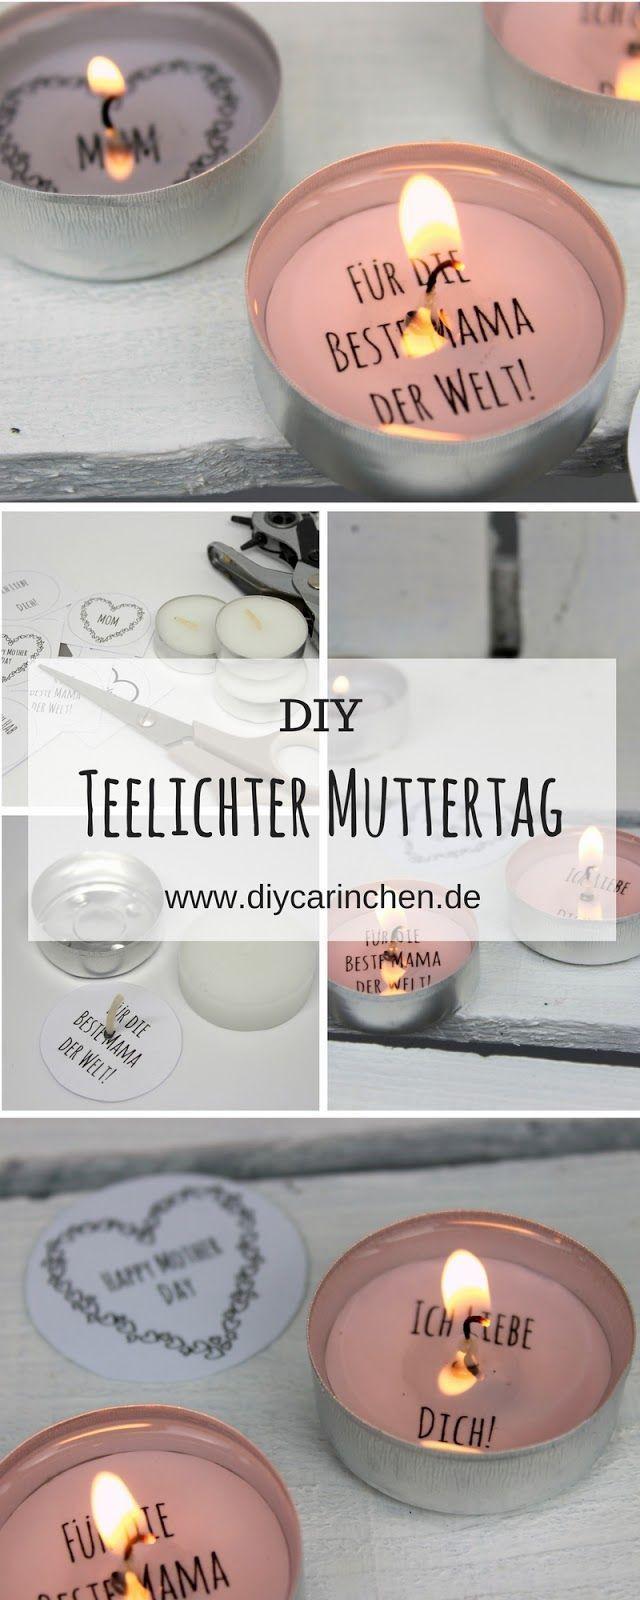 DIY Geschenk zum Muttertag – Teelicht mit Liebesbotschaft selber machen (+ kostenlose Vorlage)